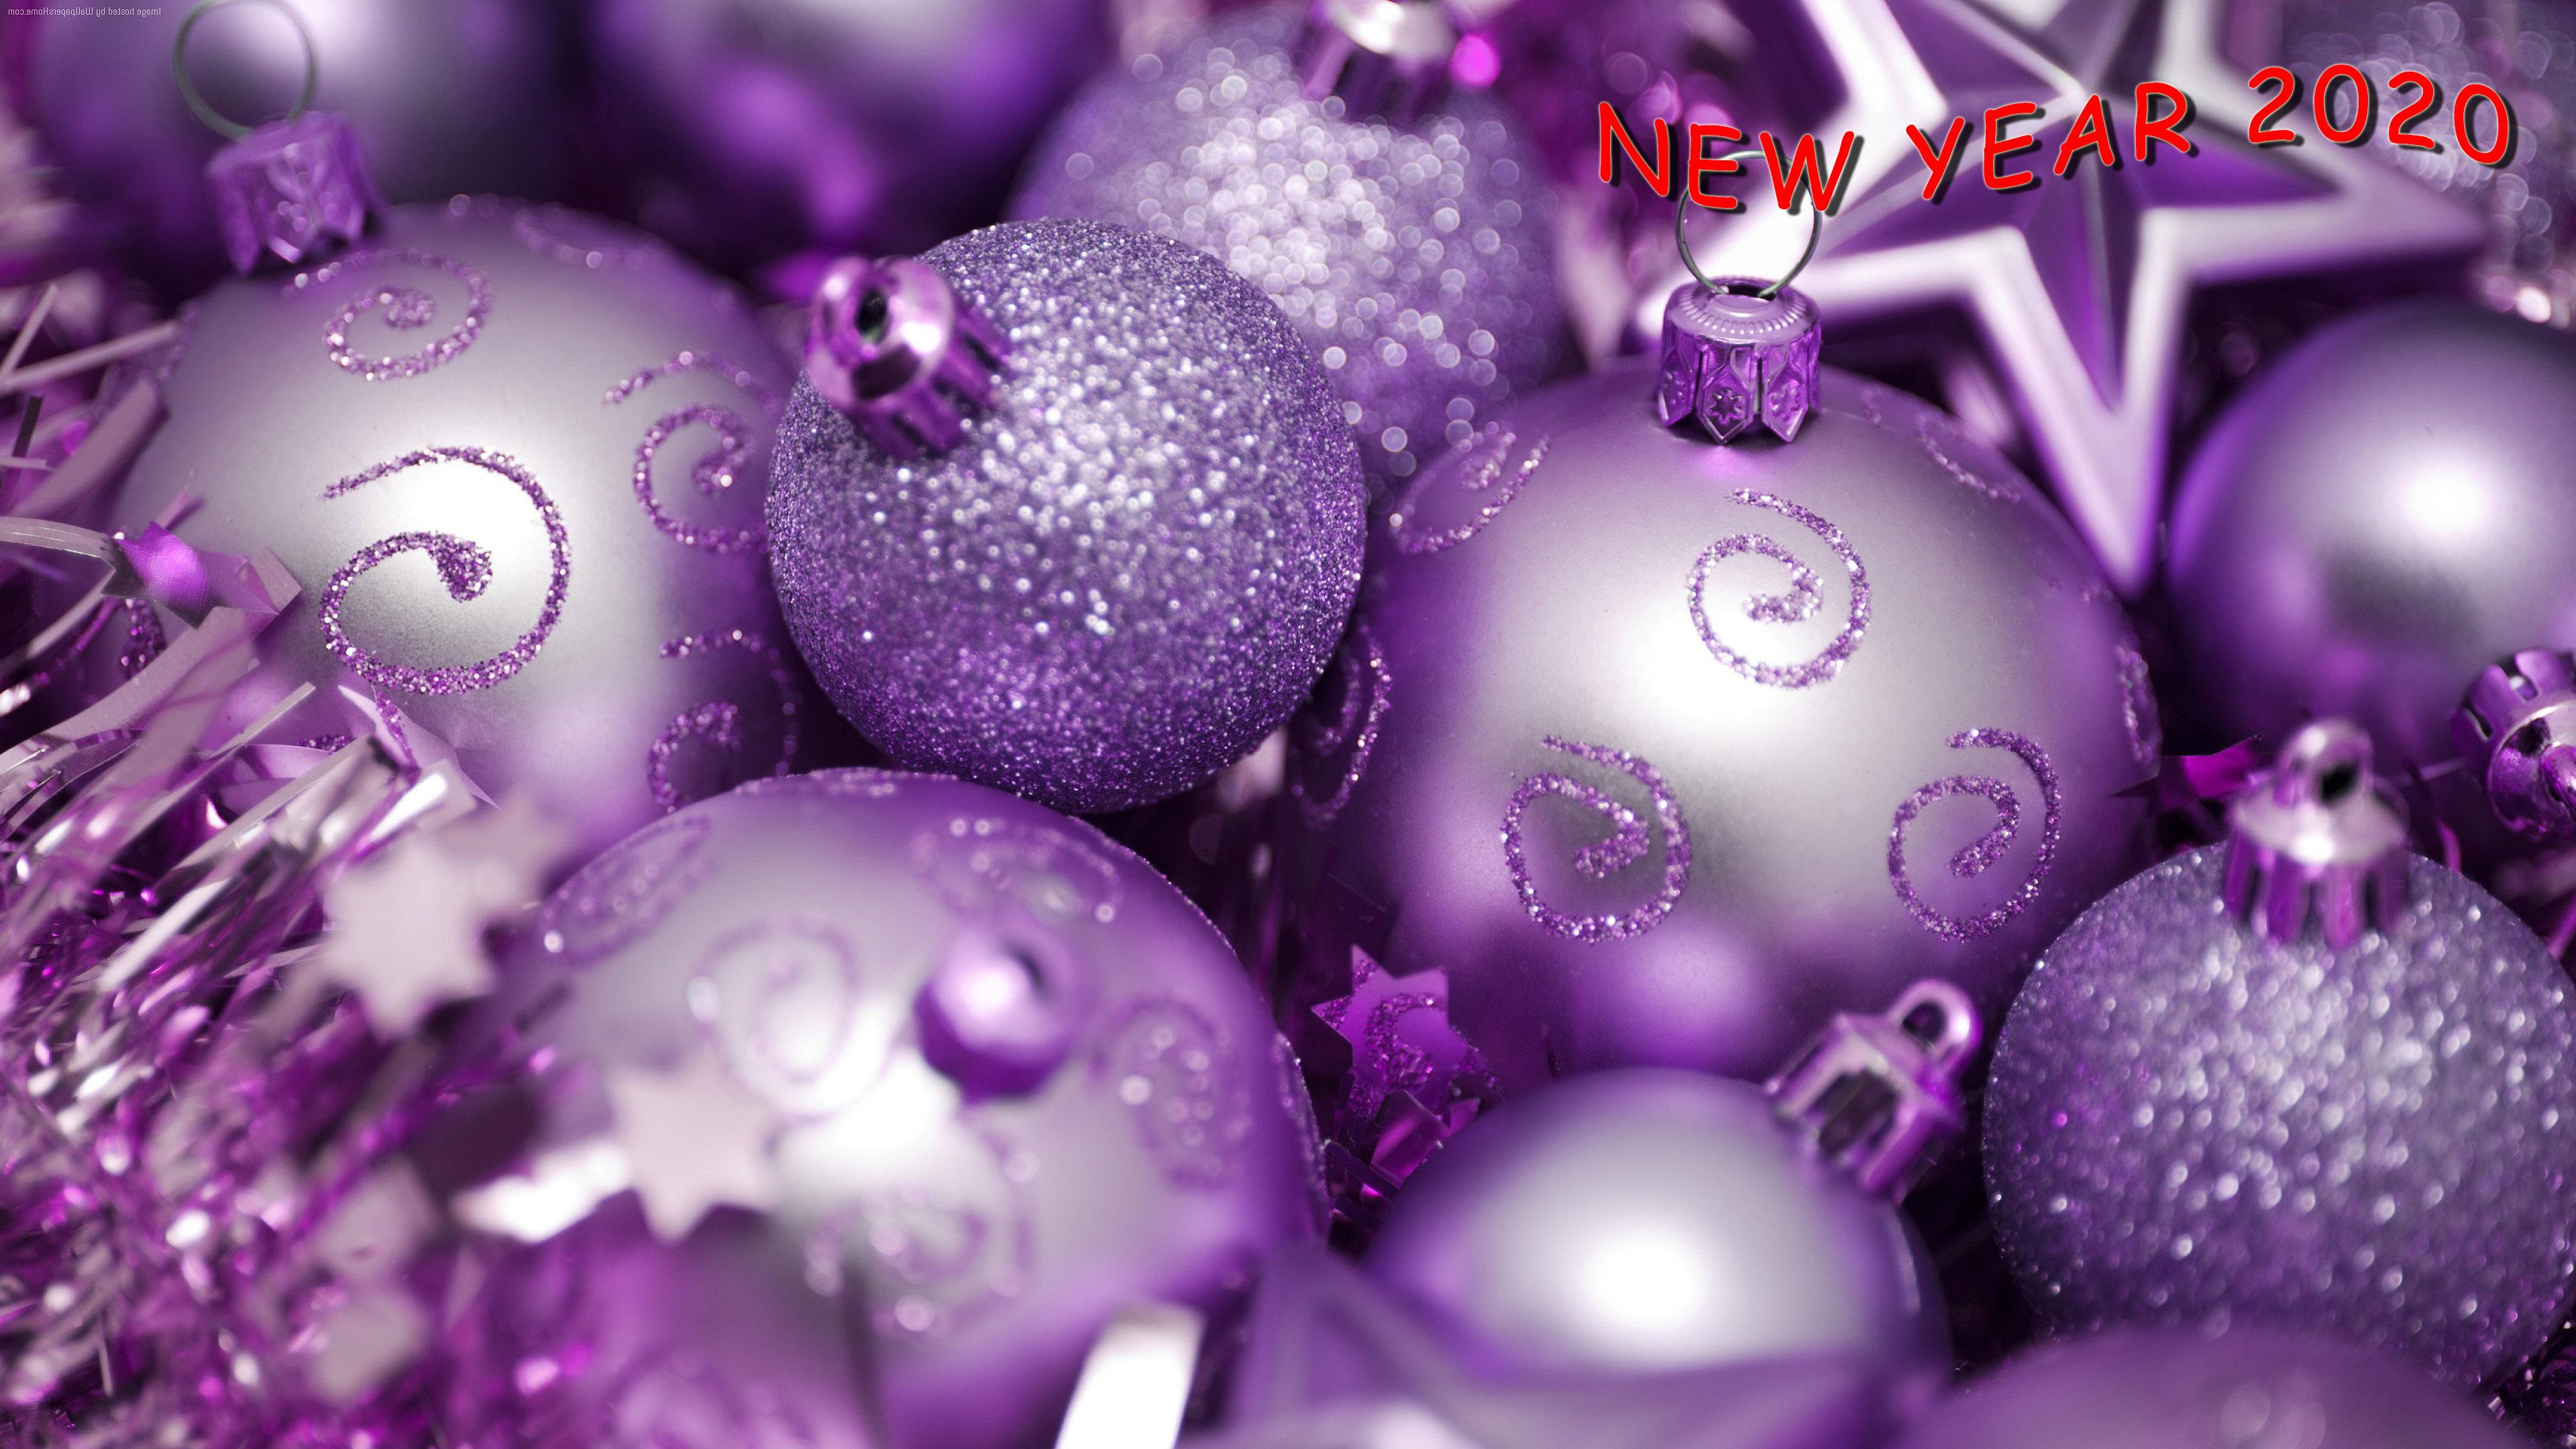 HDoboi.Kiev.ua - Новогодние фиолетовые шары, новые обои на андроид 2019 года